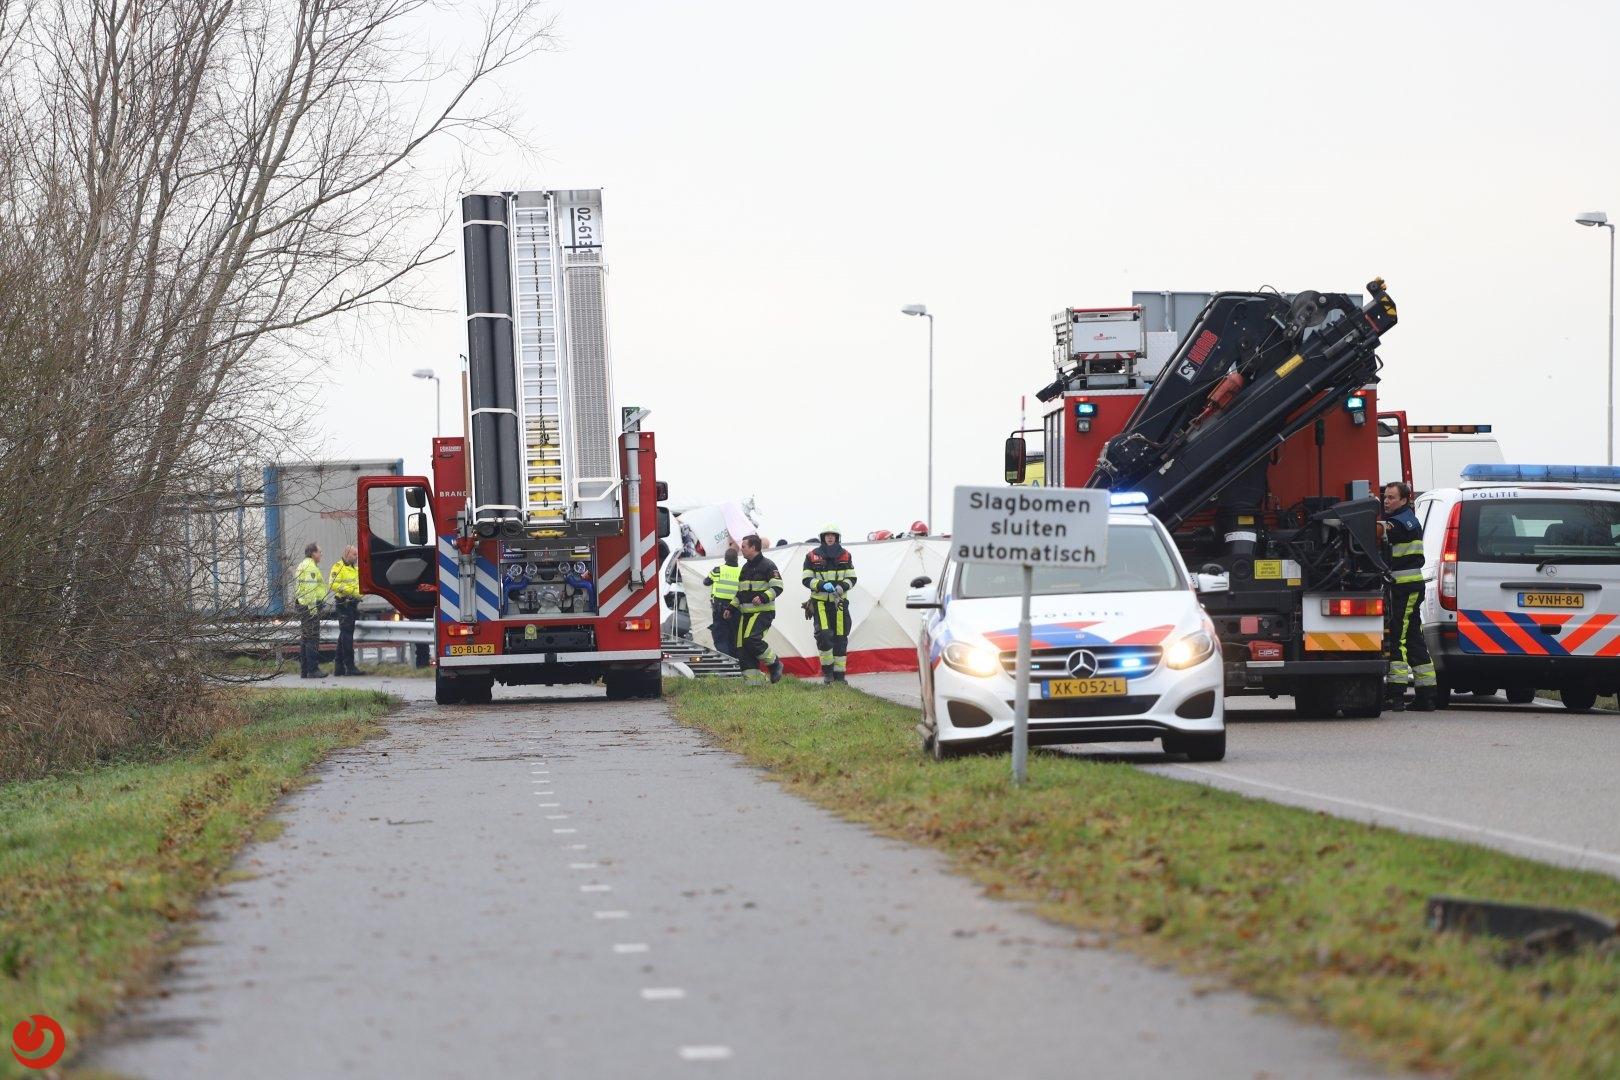 Bestuurder bestelbus overleden bij ongeval met vrachtwagen